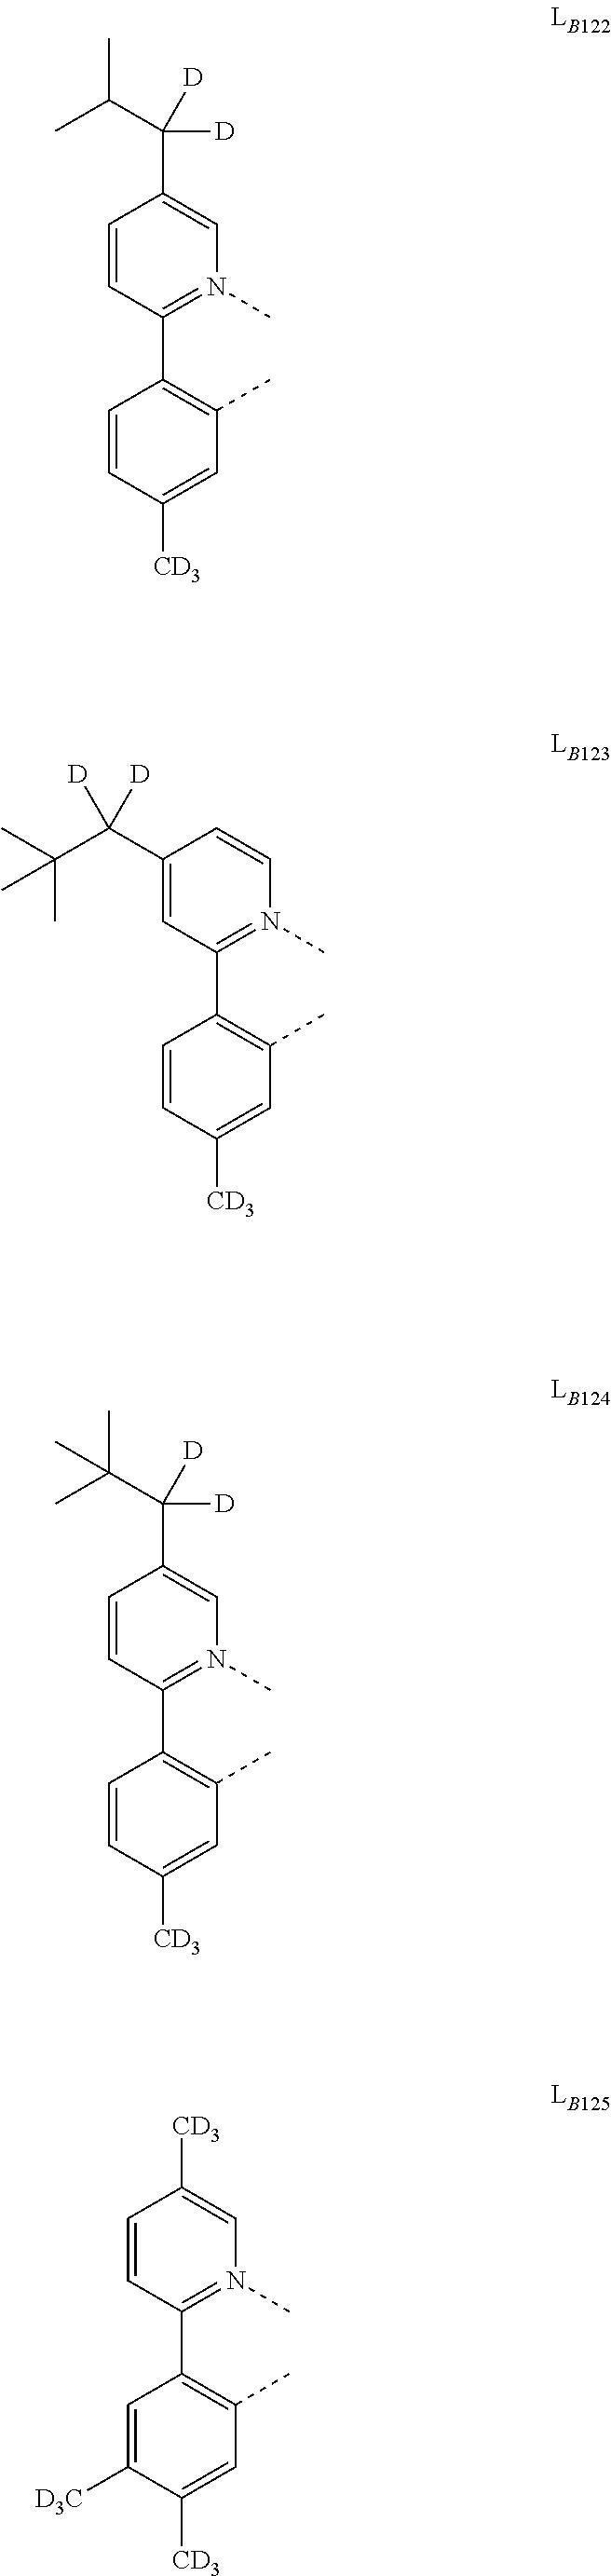 Figure US09929360-20180327-C00062